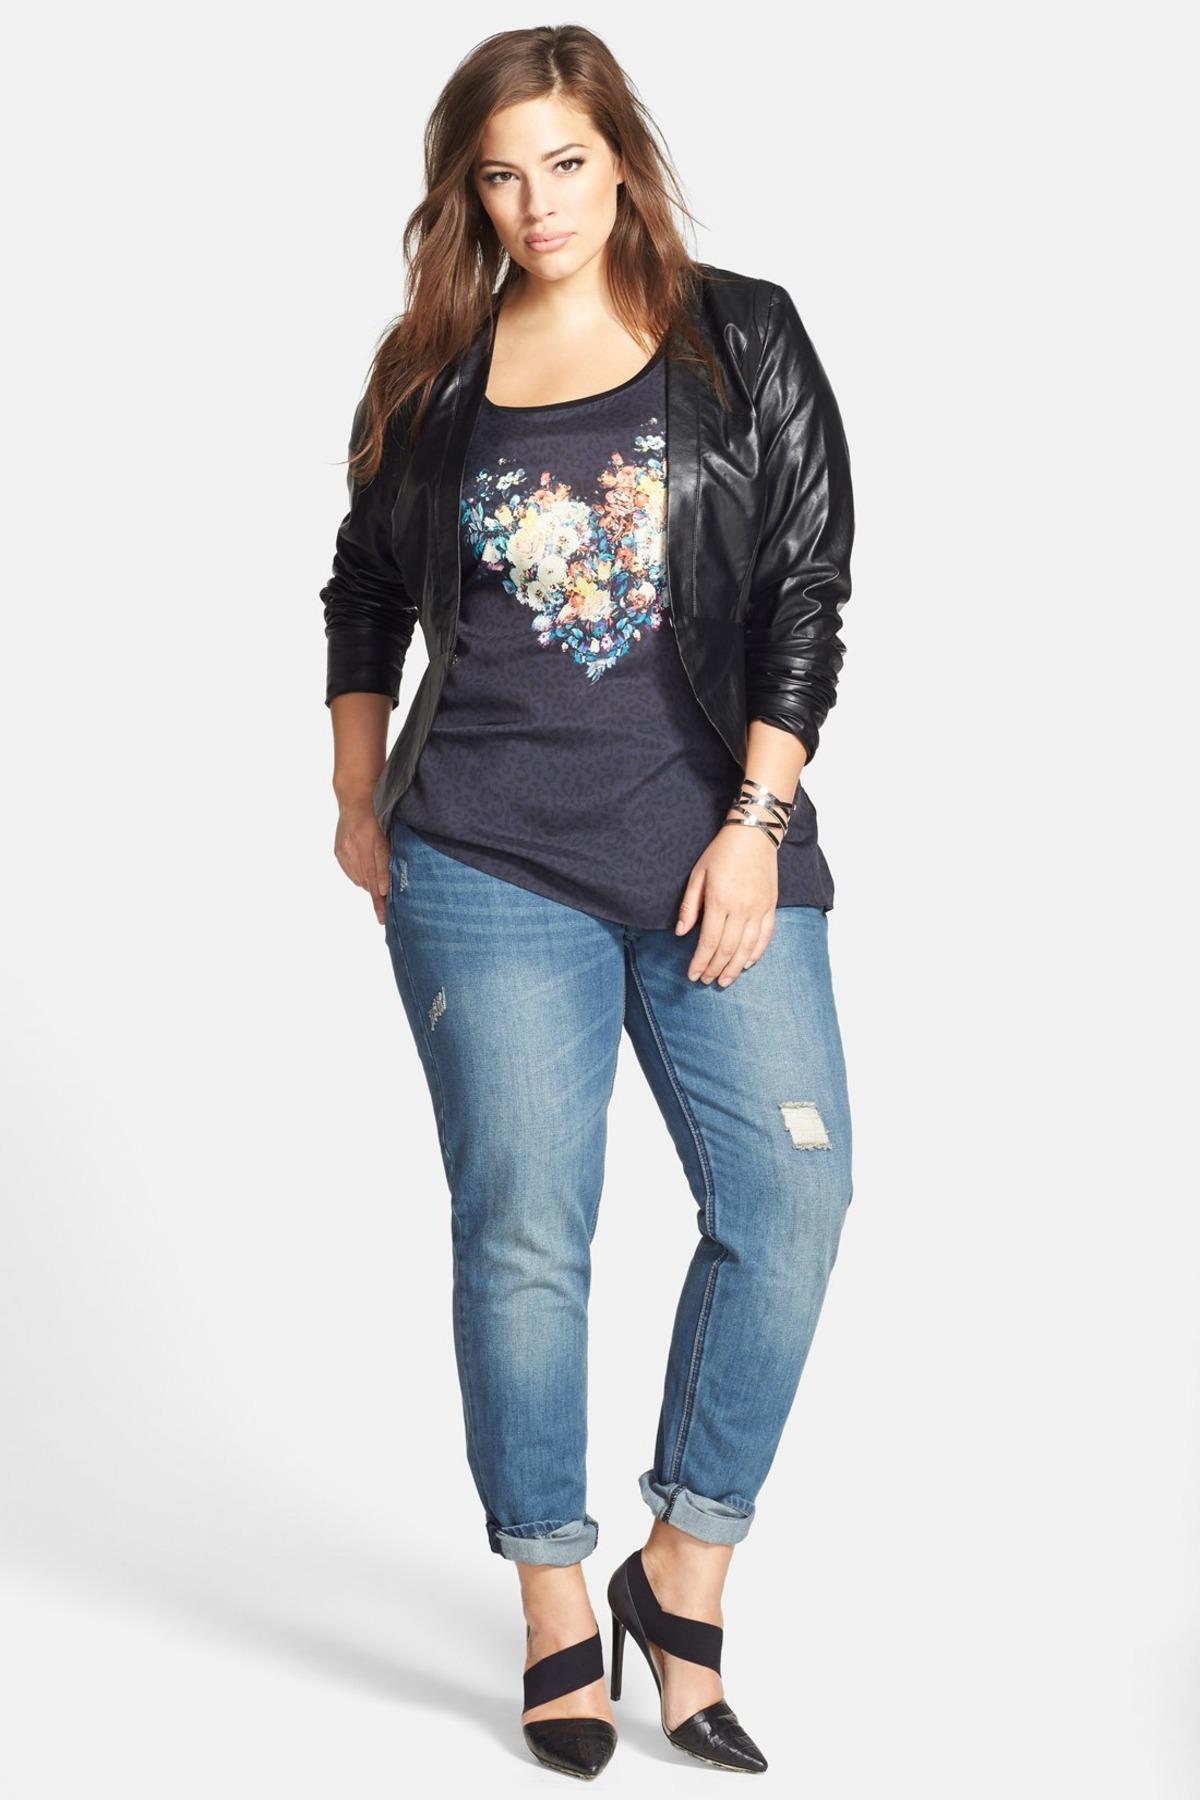 plus size boyfriend jeans image of city chic distressed boyfriend jeans (plus size) pnargbs